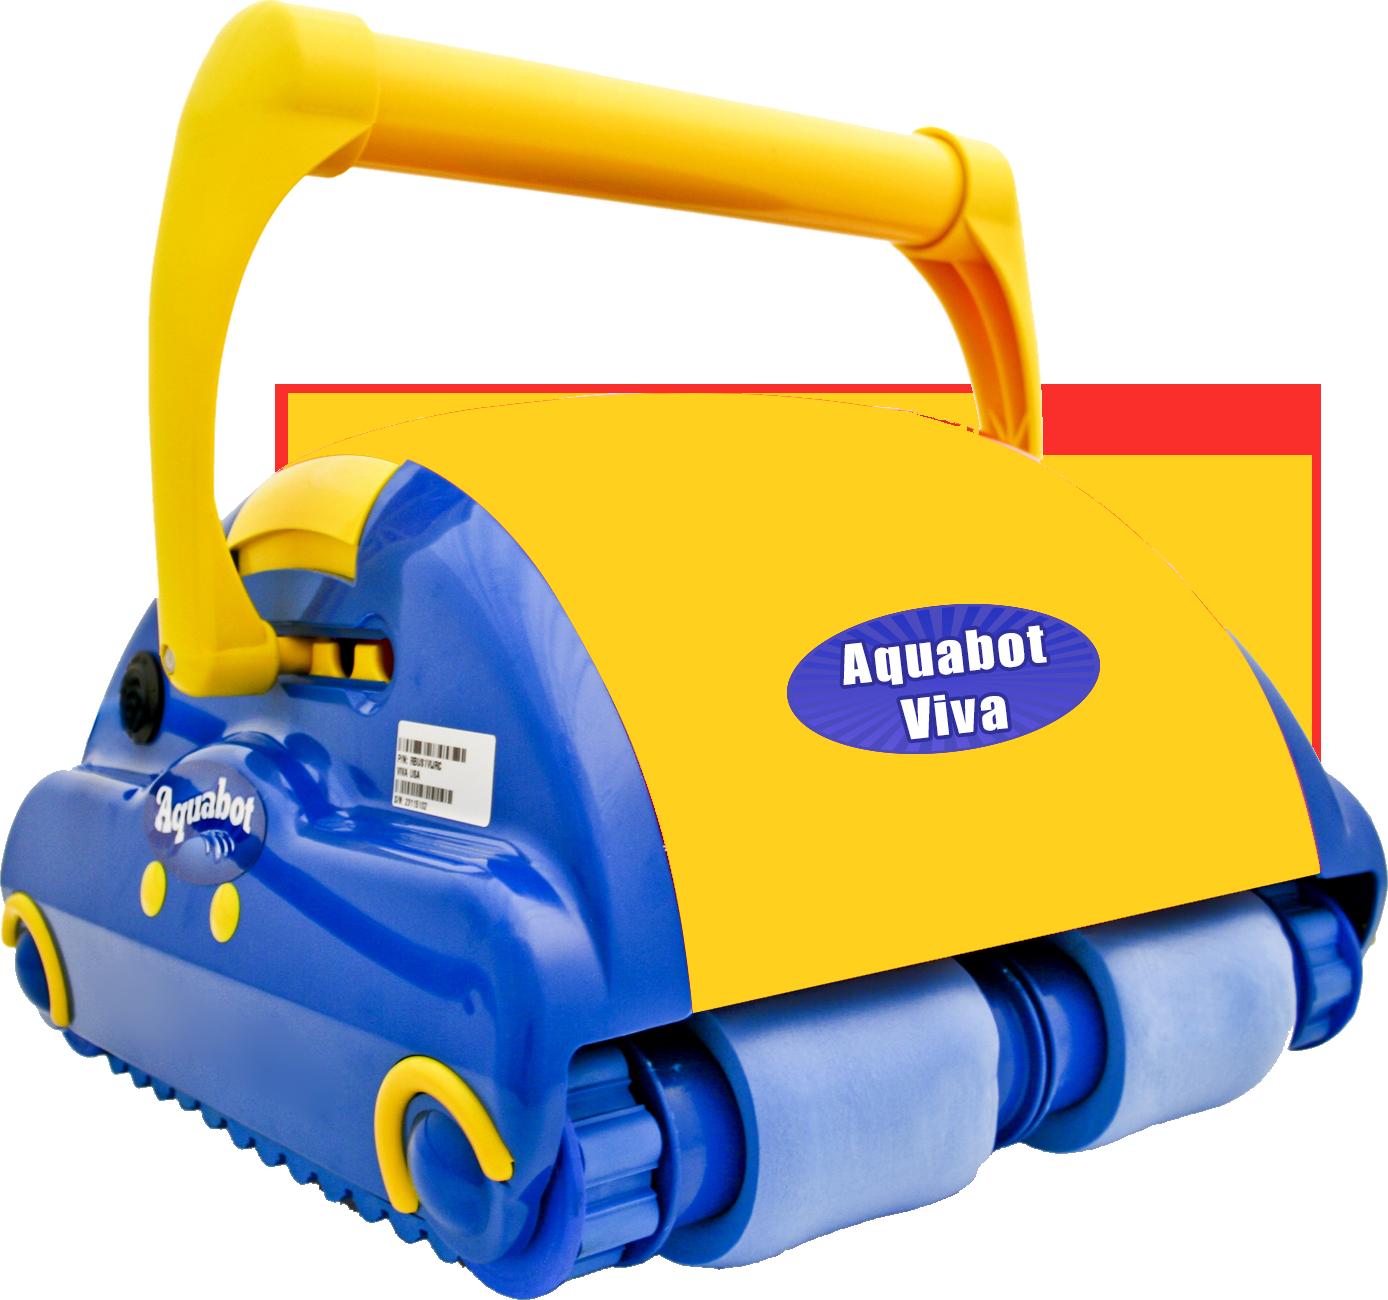 Aquabot Viva